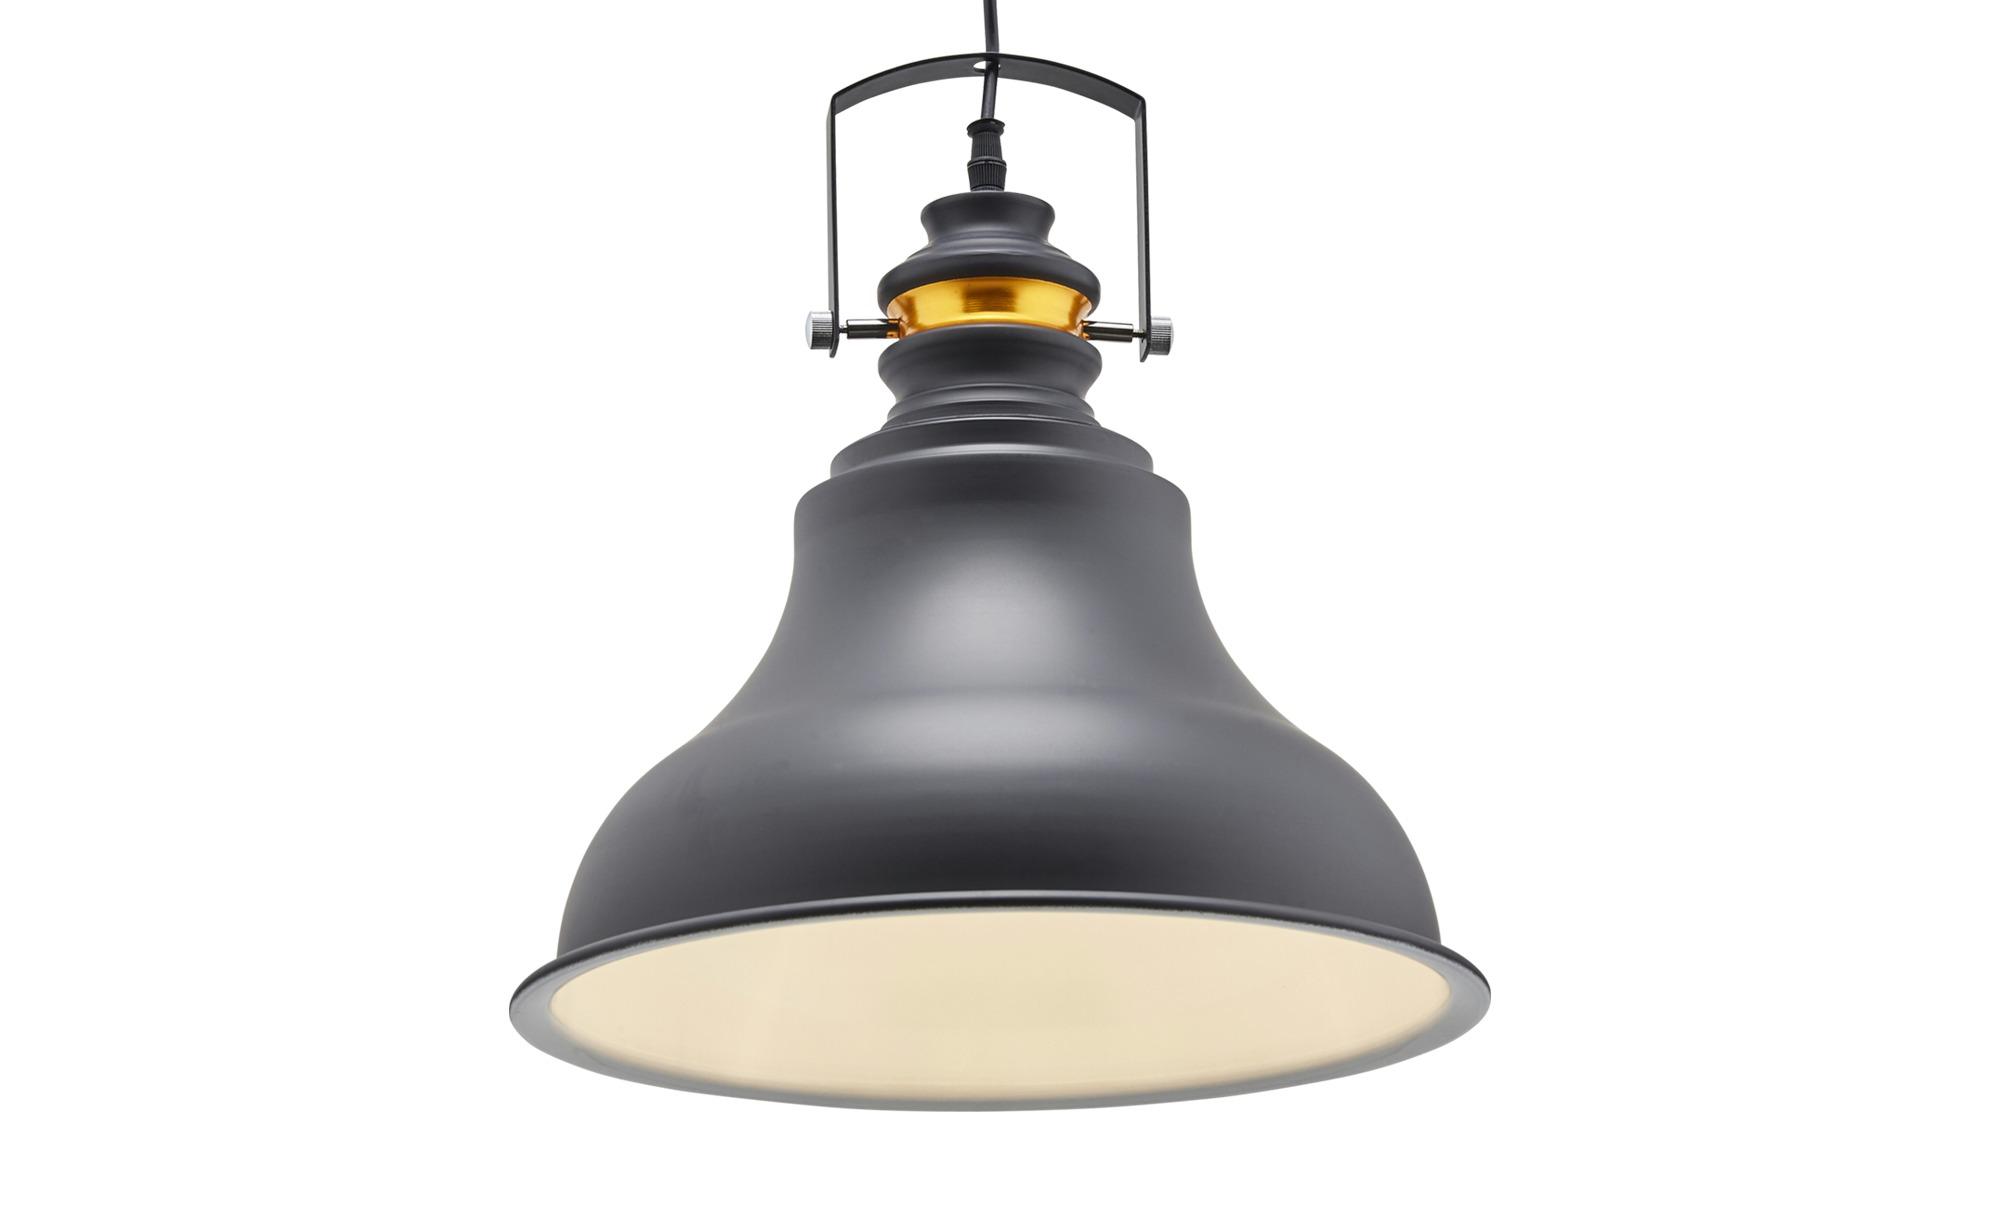 HOME STORY Pendelleuchte, 1-flammig schwarz ¦ schwarz ¦ Maße (cm): H: 150 Ø: 36 Lampen & Leuchten > Innenleuchten > Pendelleuchten - Höffner